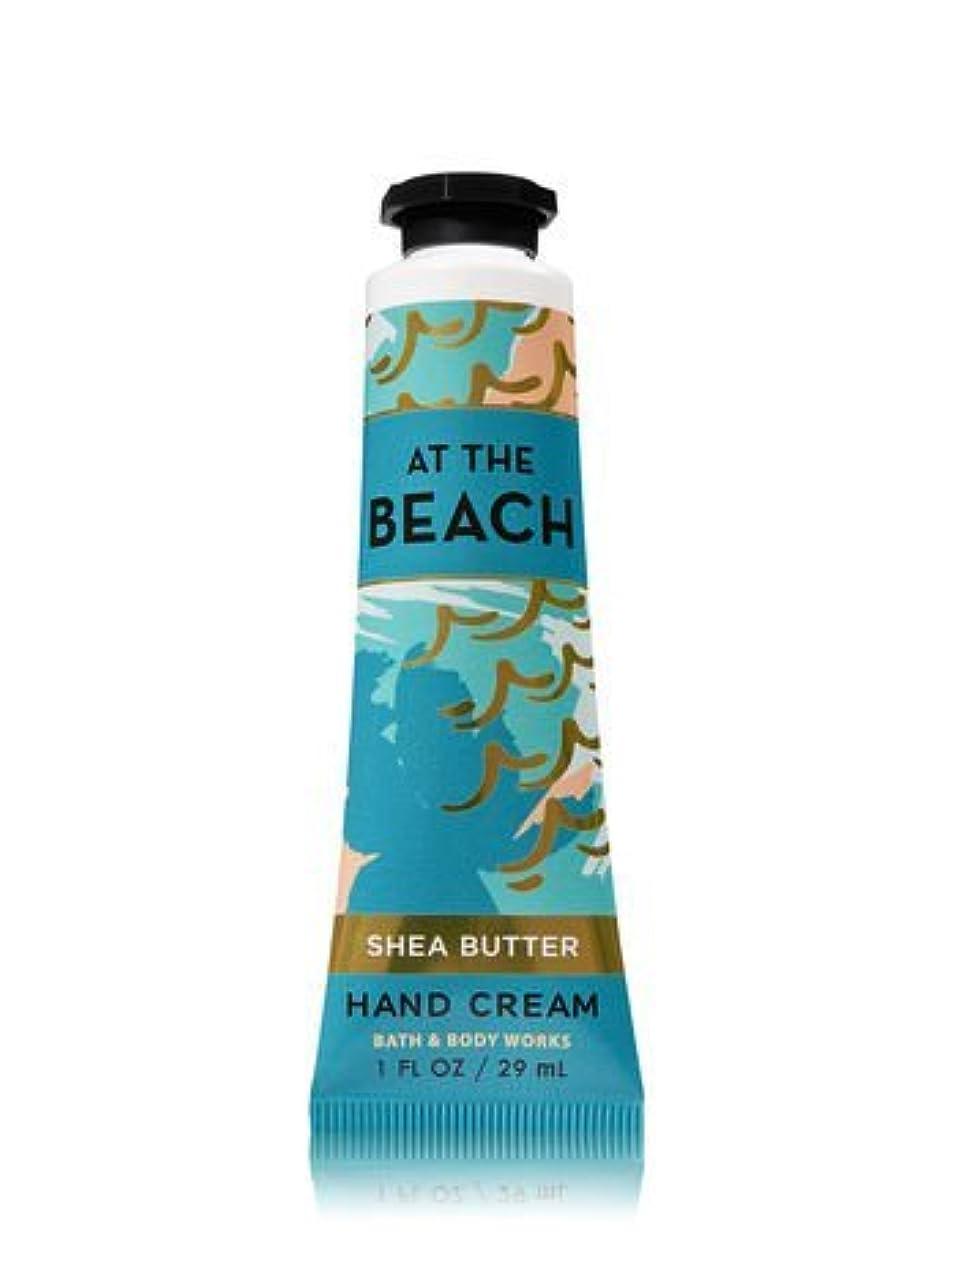 略すペチコート漫画【Bath&Body Works/バス&ボディワークス】 シアバター ハンドクリーム アットザビーチ Shea Butter Hand Cream At The Beach 1 fl oz / 29 mL [並行輸入品]